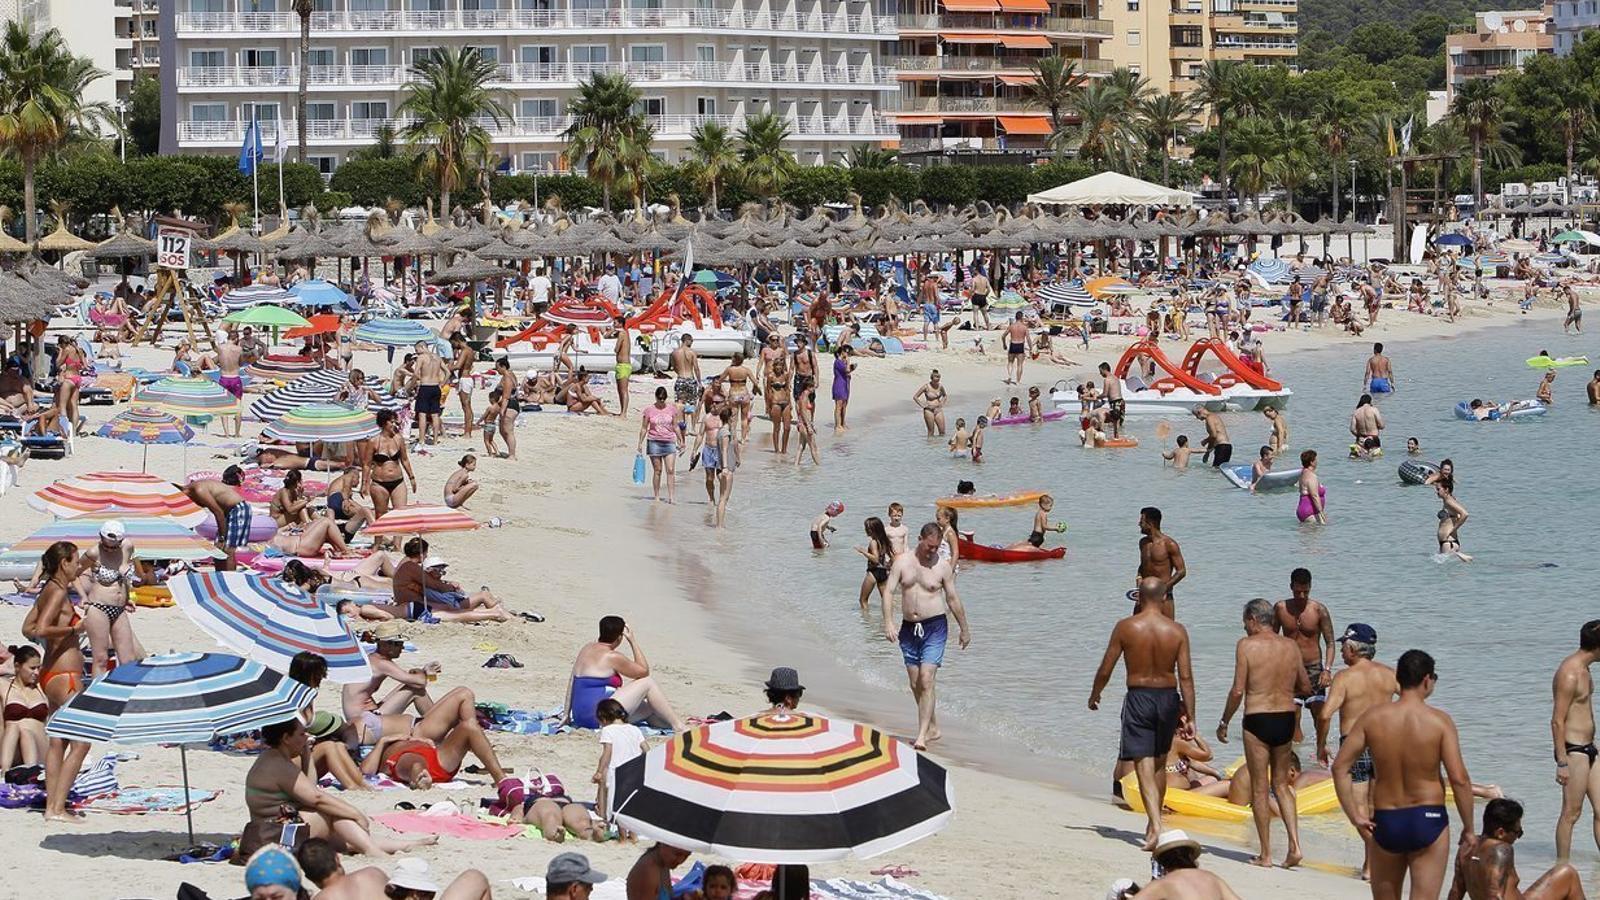 El model de sol i platja manté l'hegemonia indiscutible, un estiu més.